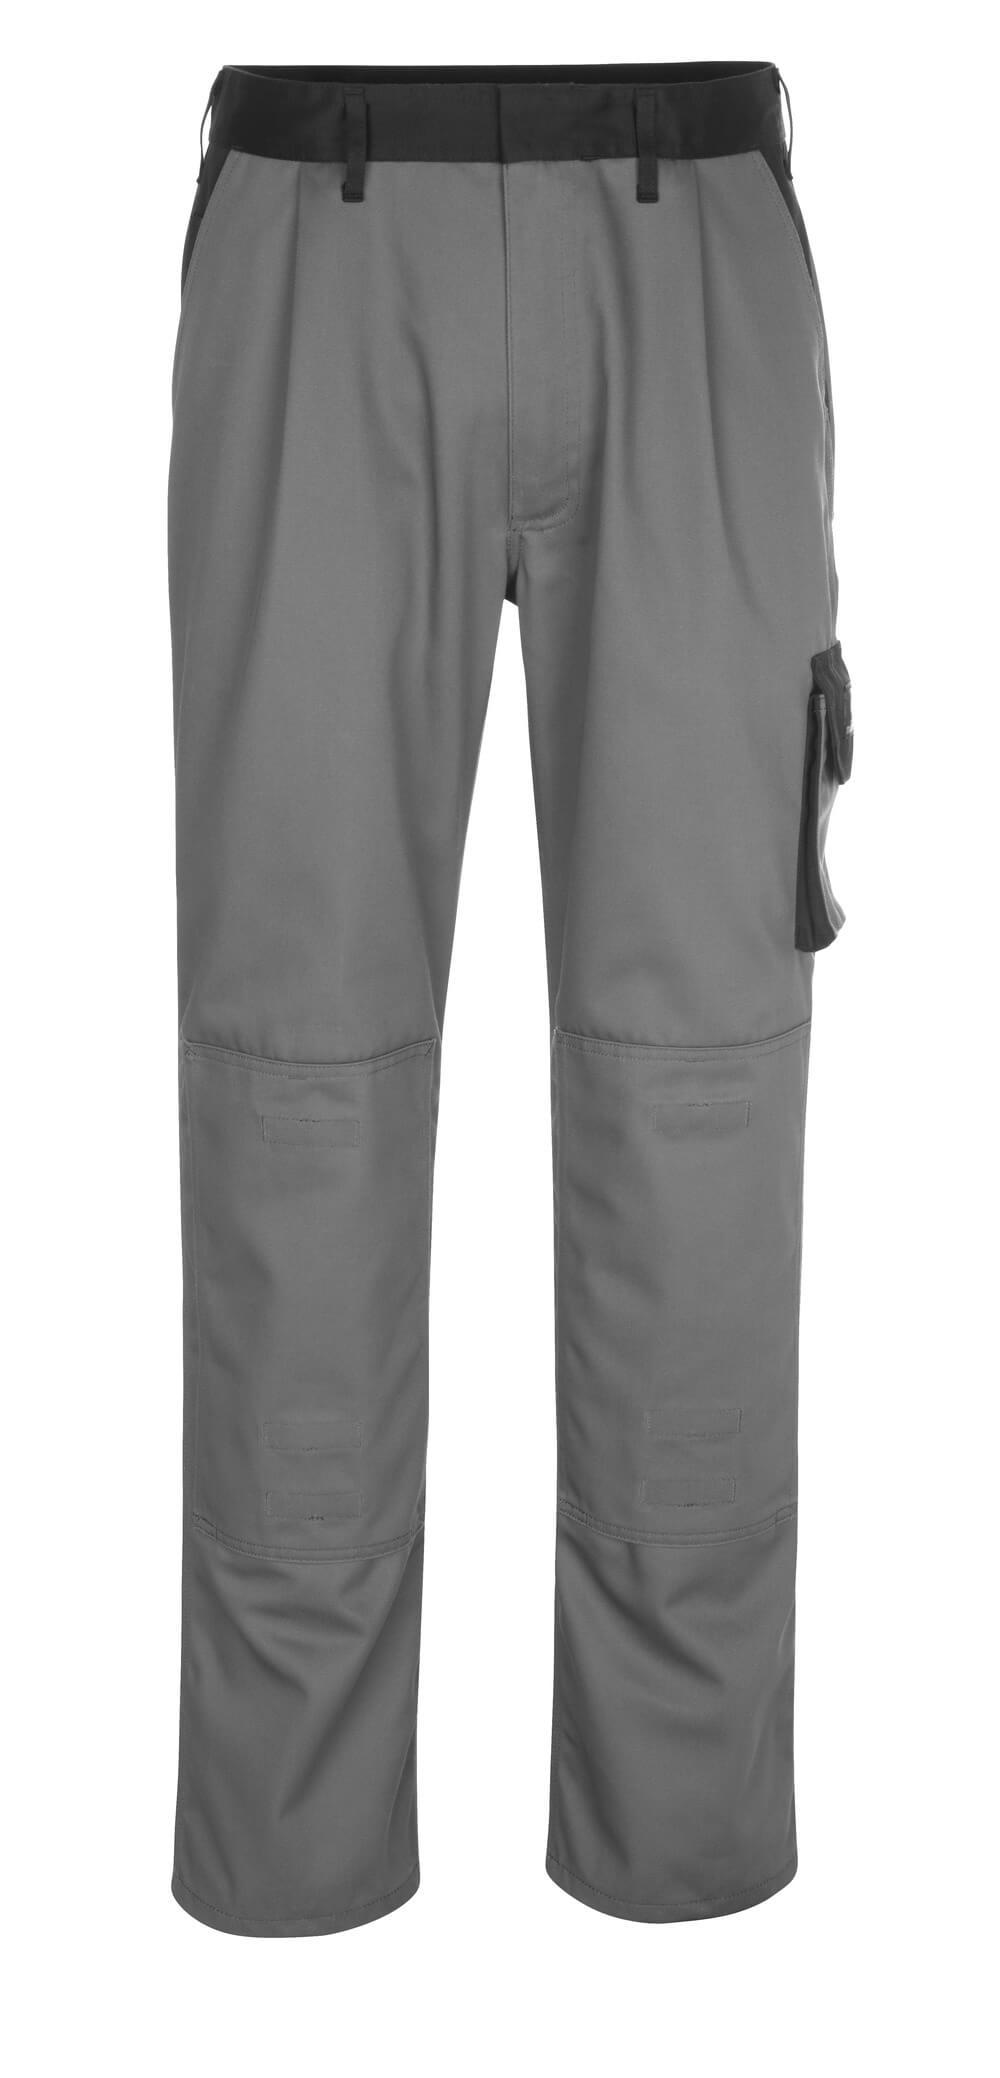 14179-442-8889 Broek met kniezakken - antraciet/zwart